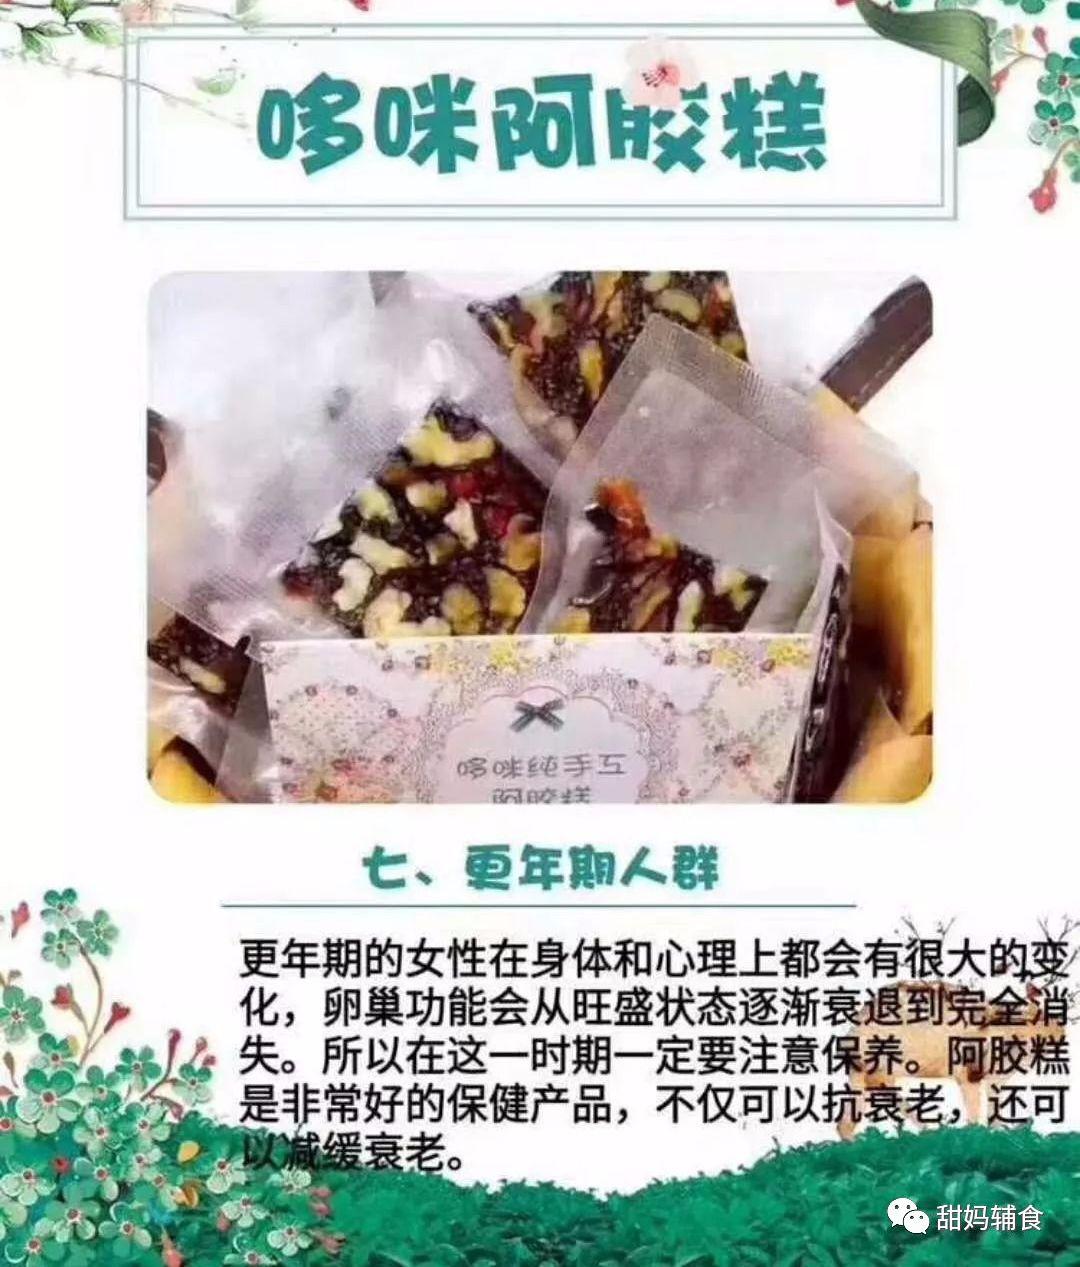 阿胶常识-夏季渐临,最适宜吃的竟是阿胶!picture Sheet-9